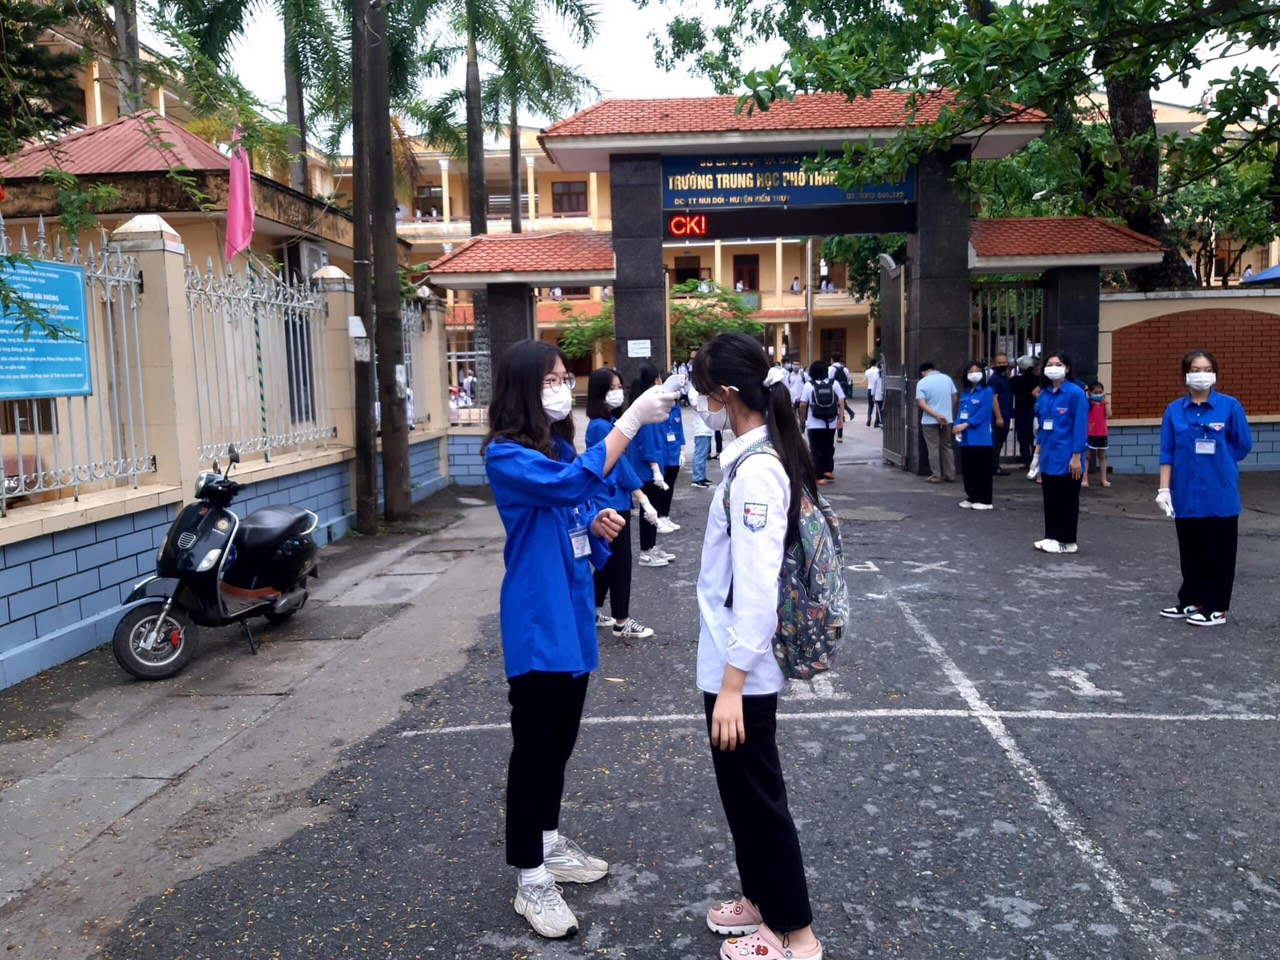 Kiểm tra y tế đo thân nhiệt cho thí sinh trước khi vào trường thi lớp 10 tại PTTH Kiến Thụy huyện Kiến Thụy Hải Phòng